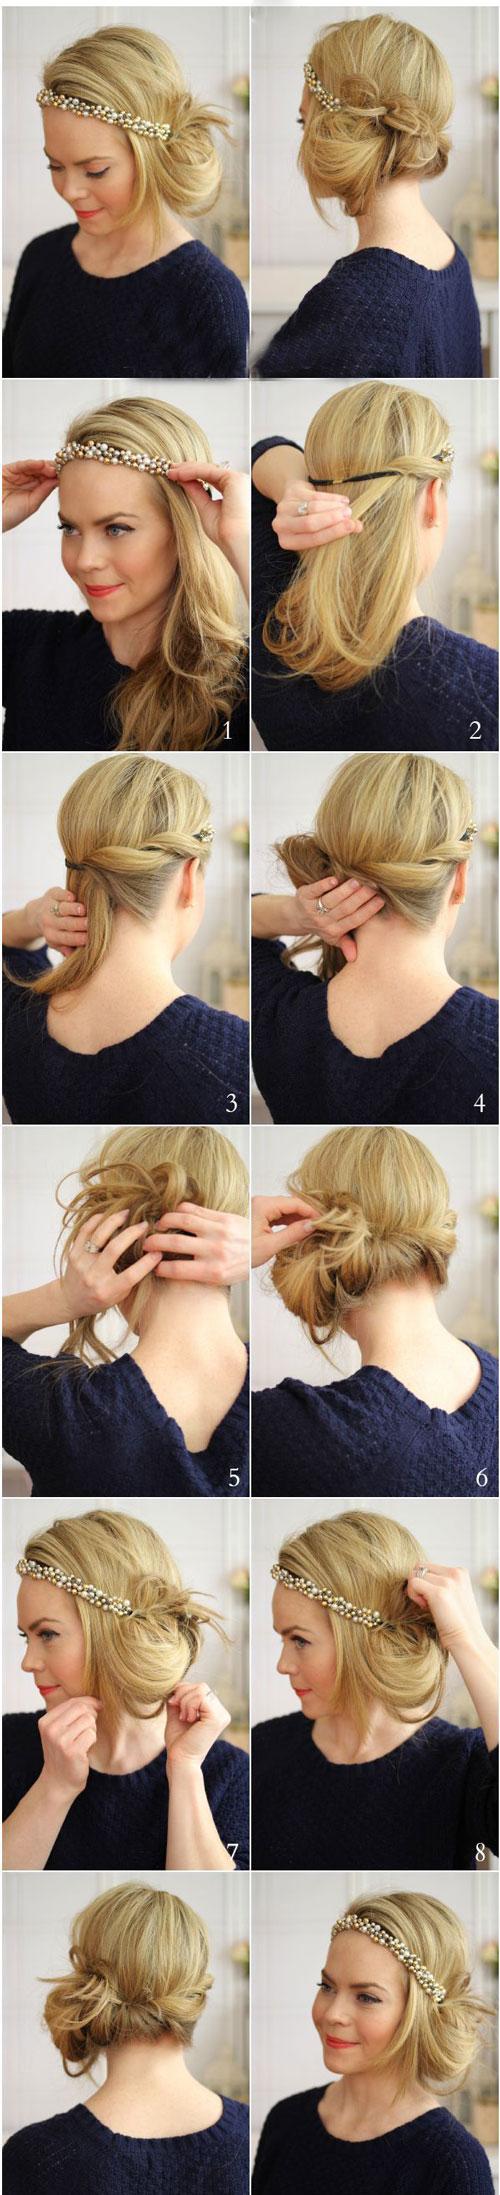 آموزش تصویری شینیون ساده مو - آموزش بستن مو